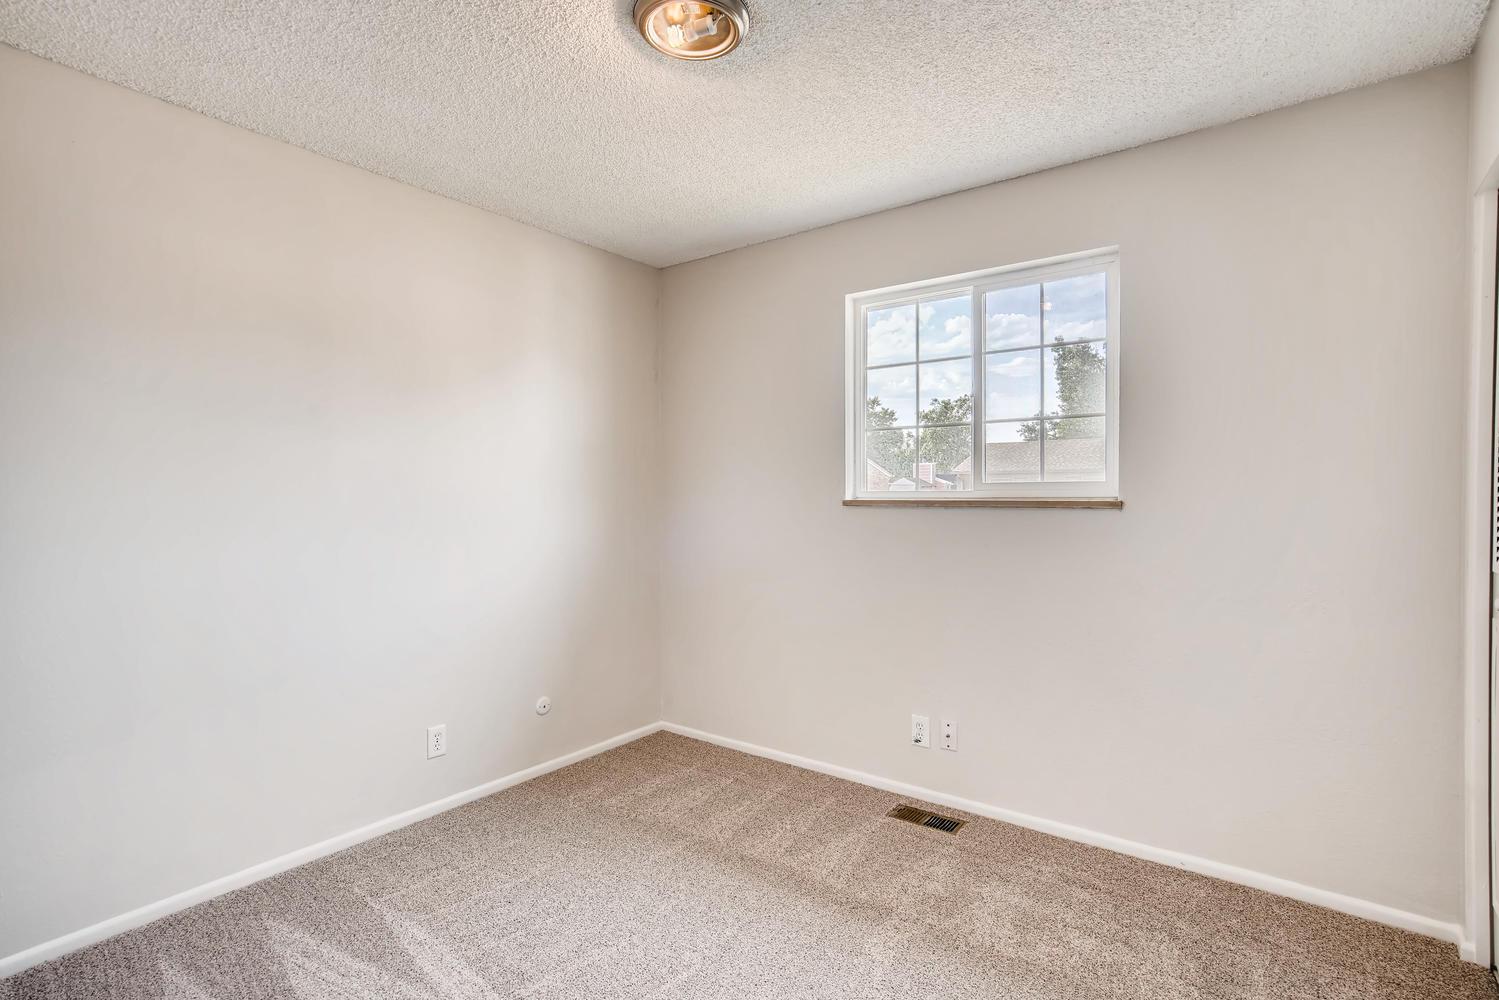 REAL ESTATE LISTING: 13040 Pensacola Place Denver Bedroom #3